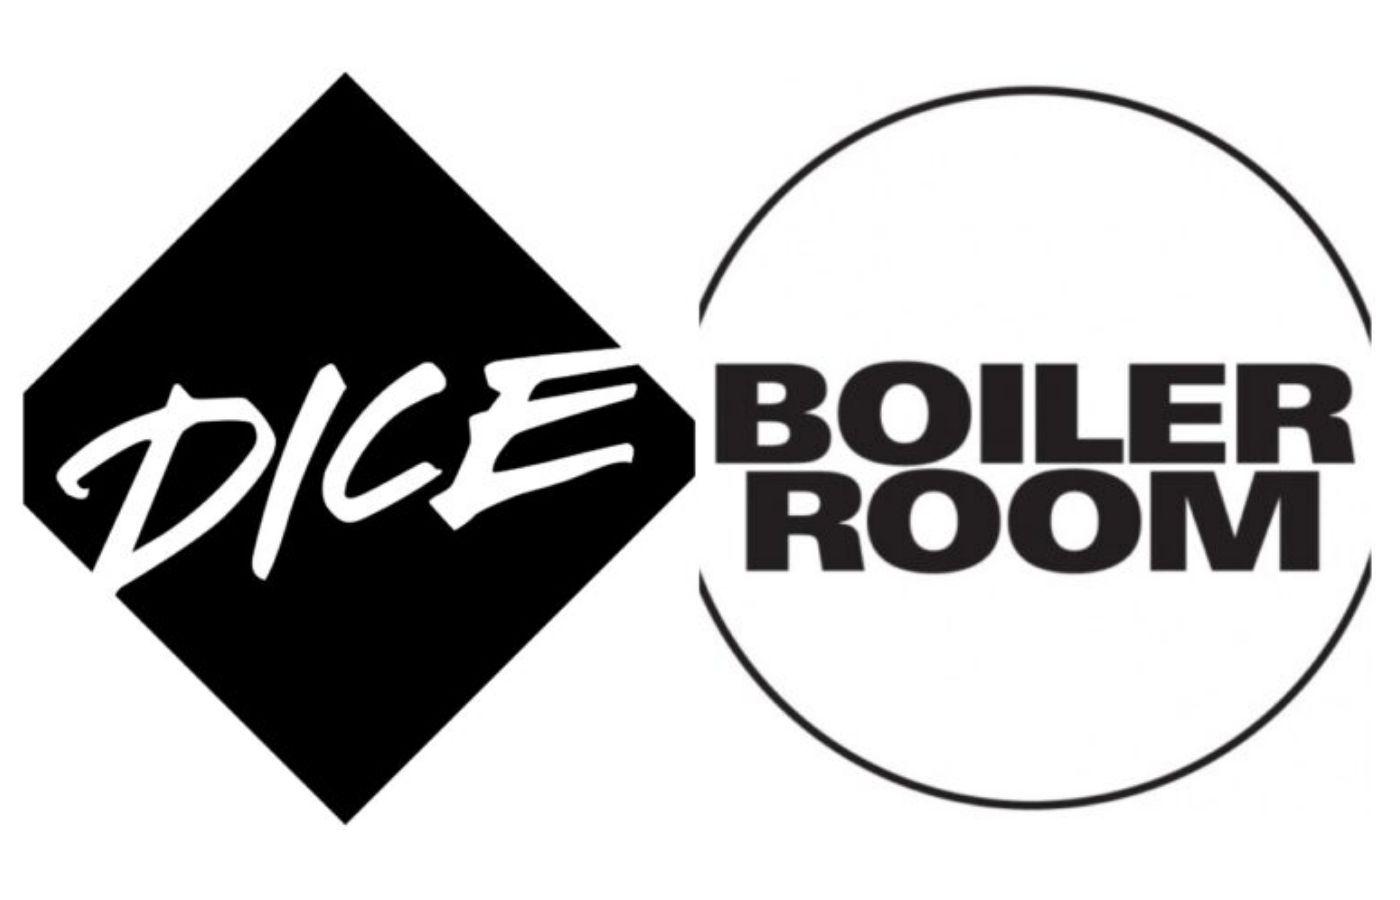 La plataforma de venta de entradas DICE compró Boiler Room